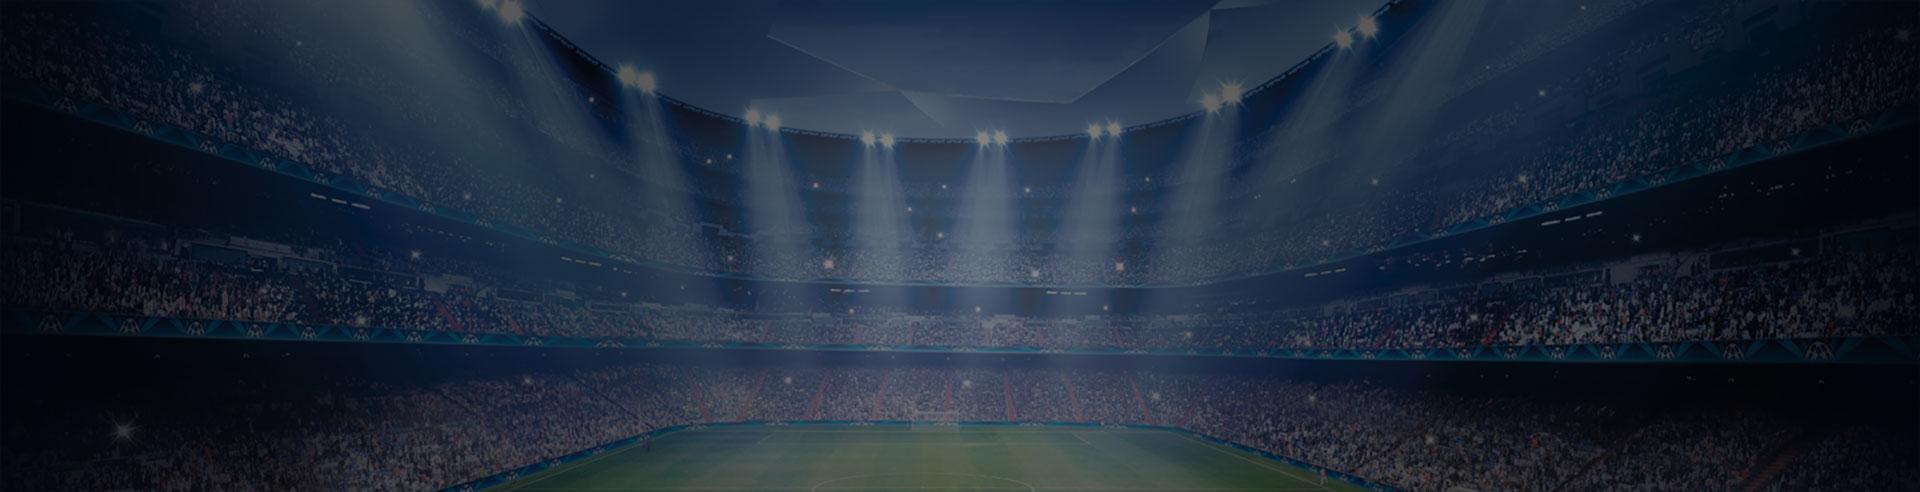 match-details-banner.jpg - 107.07 kb